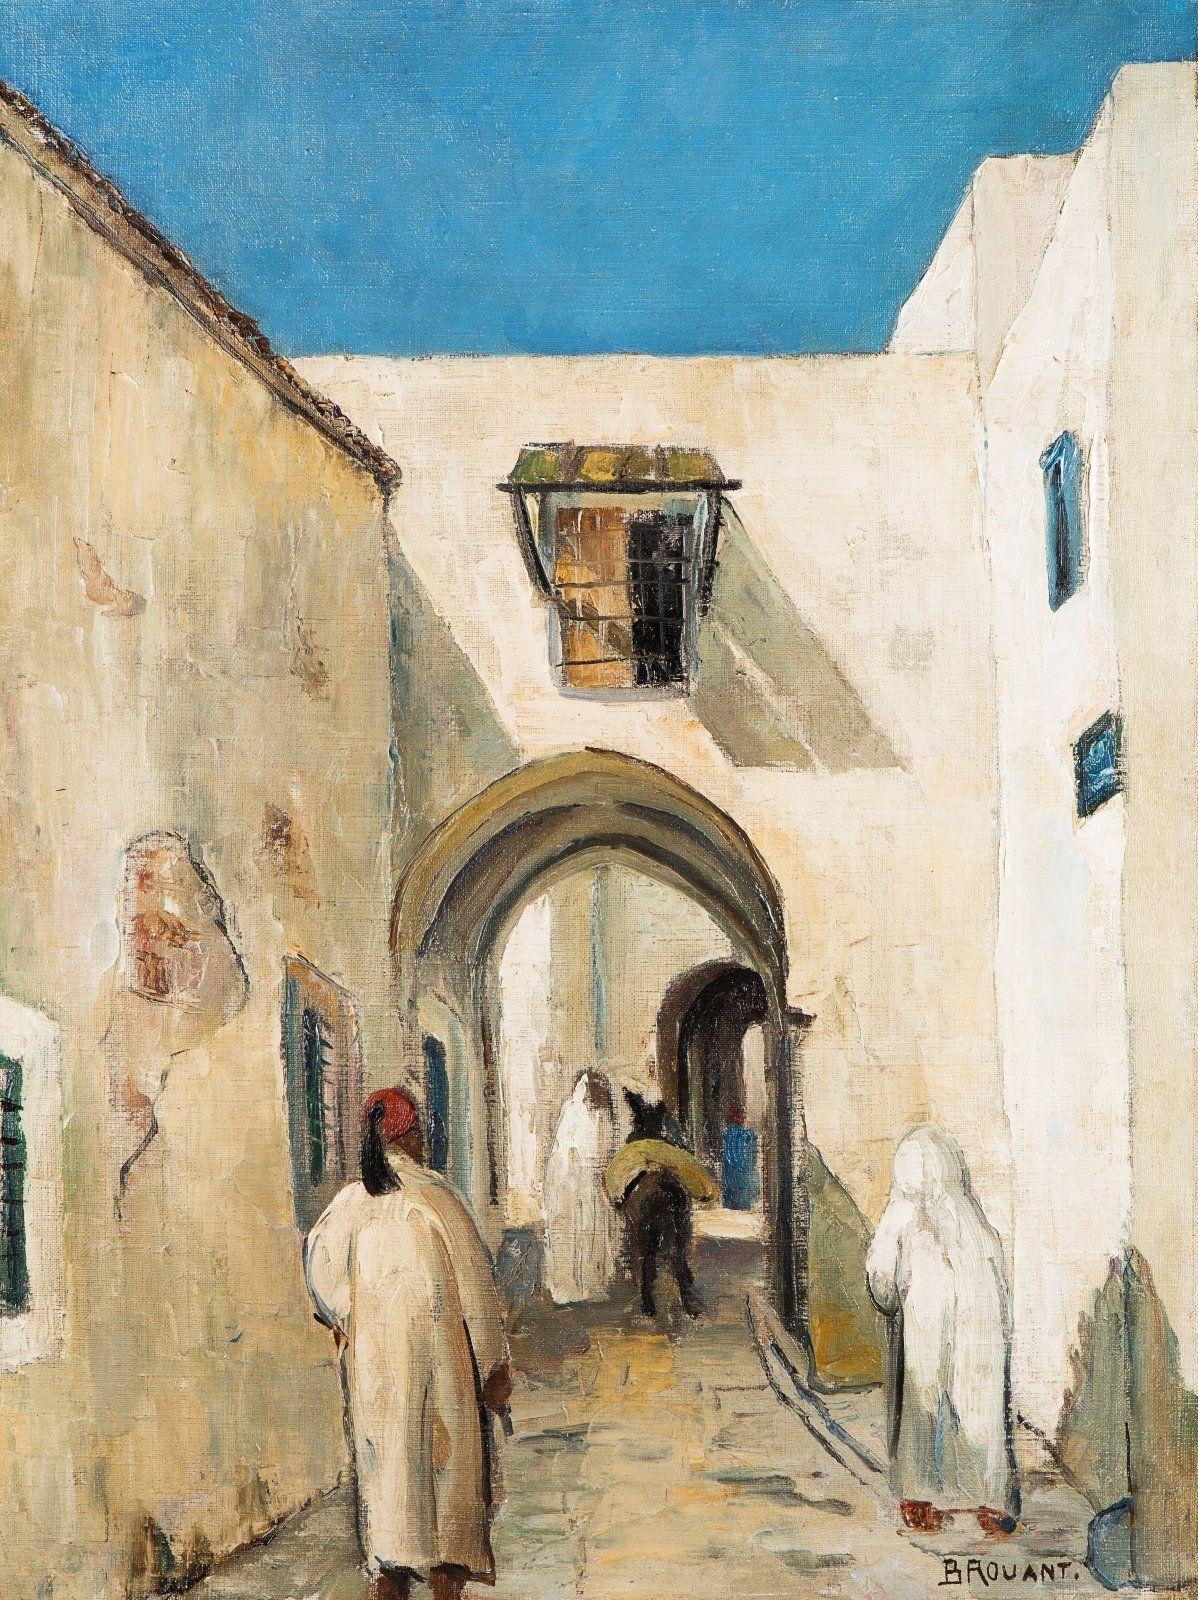 Jean Brouant Medina De Tunis Peinture Orientaliste Peinture